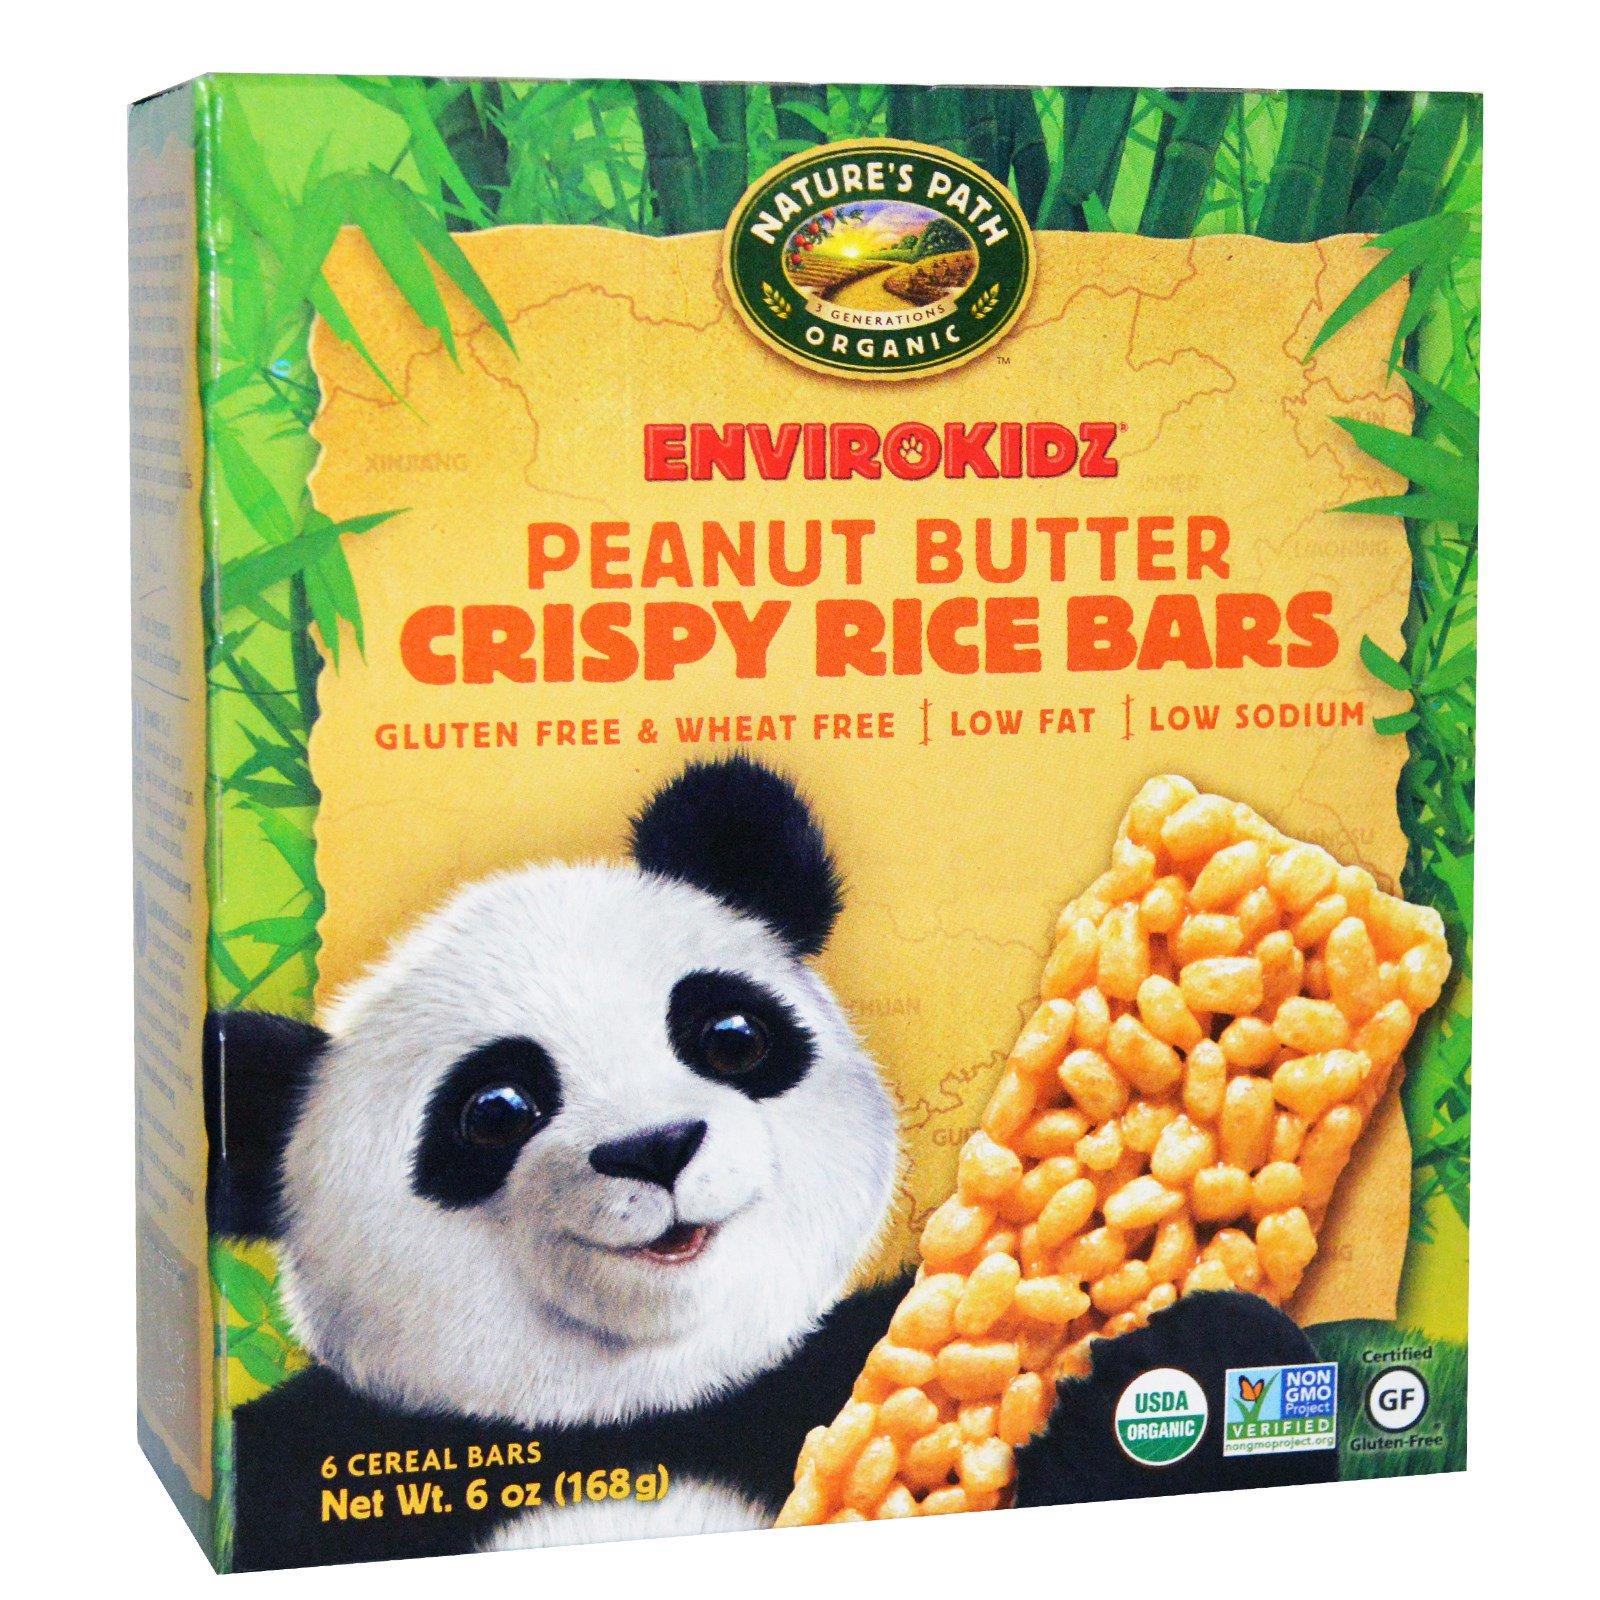 Nature's Path, EnviroKidz,органические хрустящие зерновые батончики, арахисовое масло 6 батончиков, 1 унции (28 г) каждый